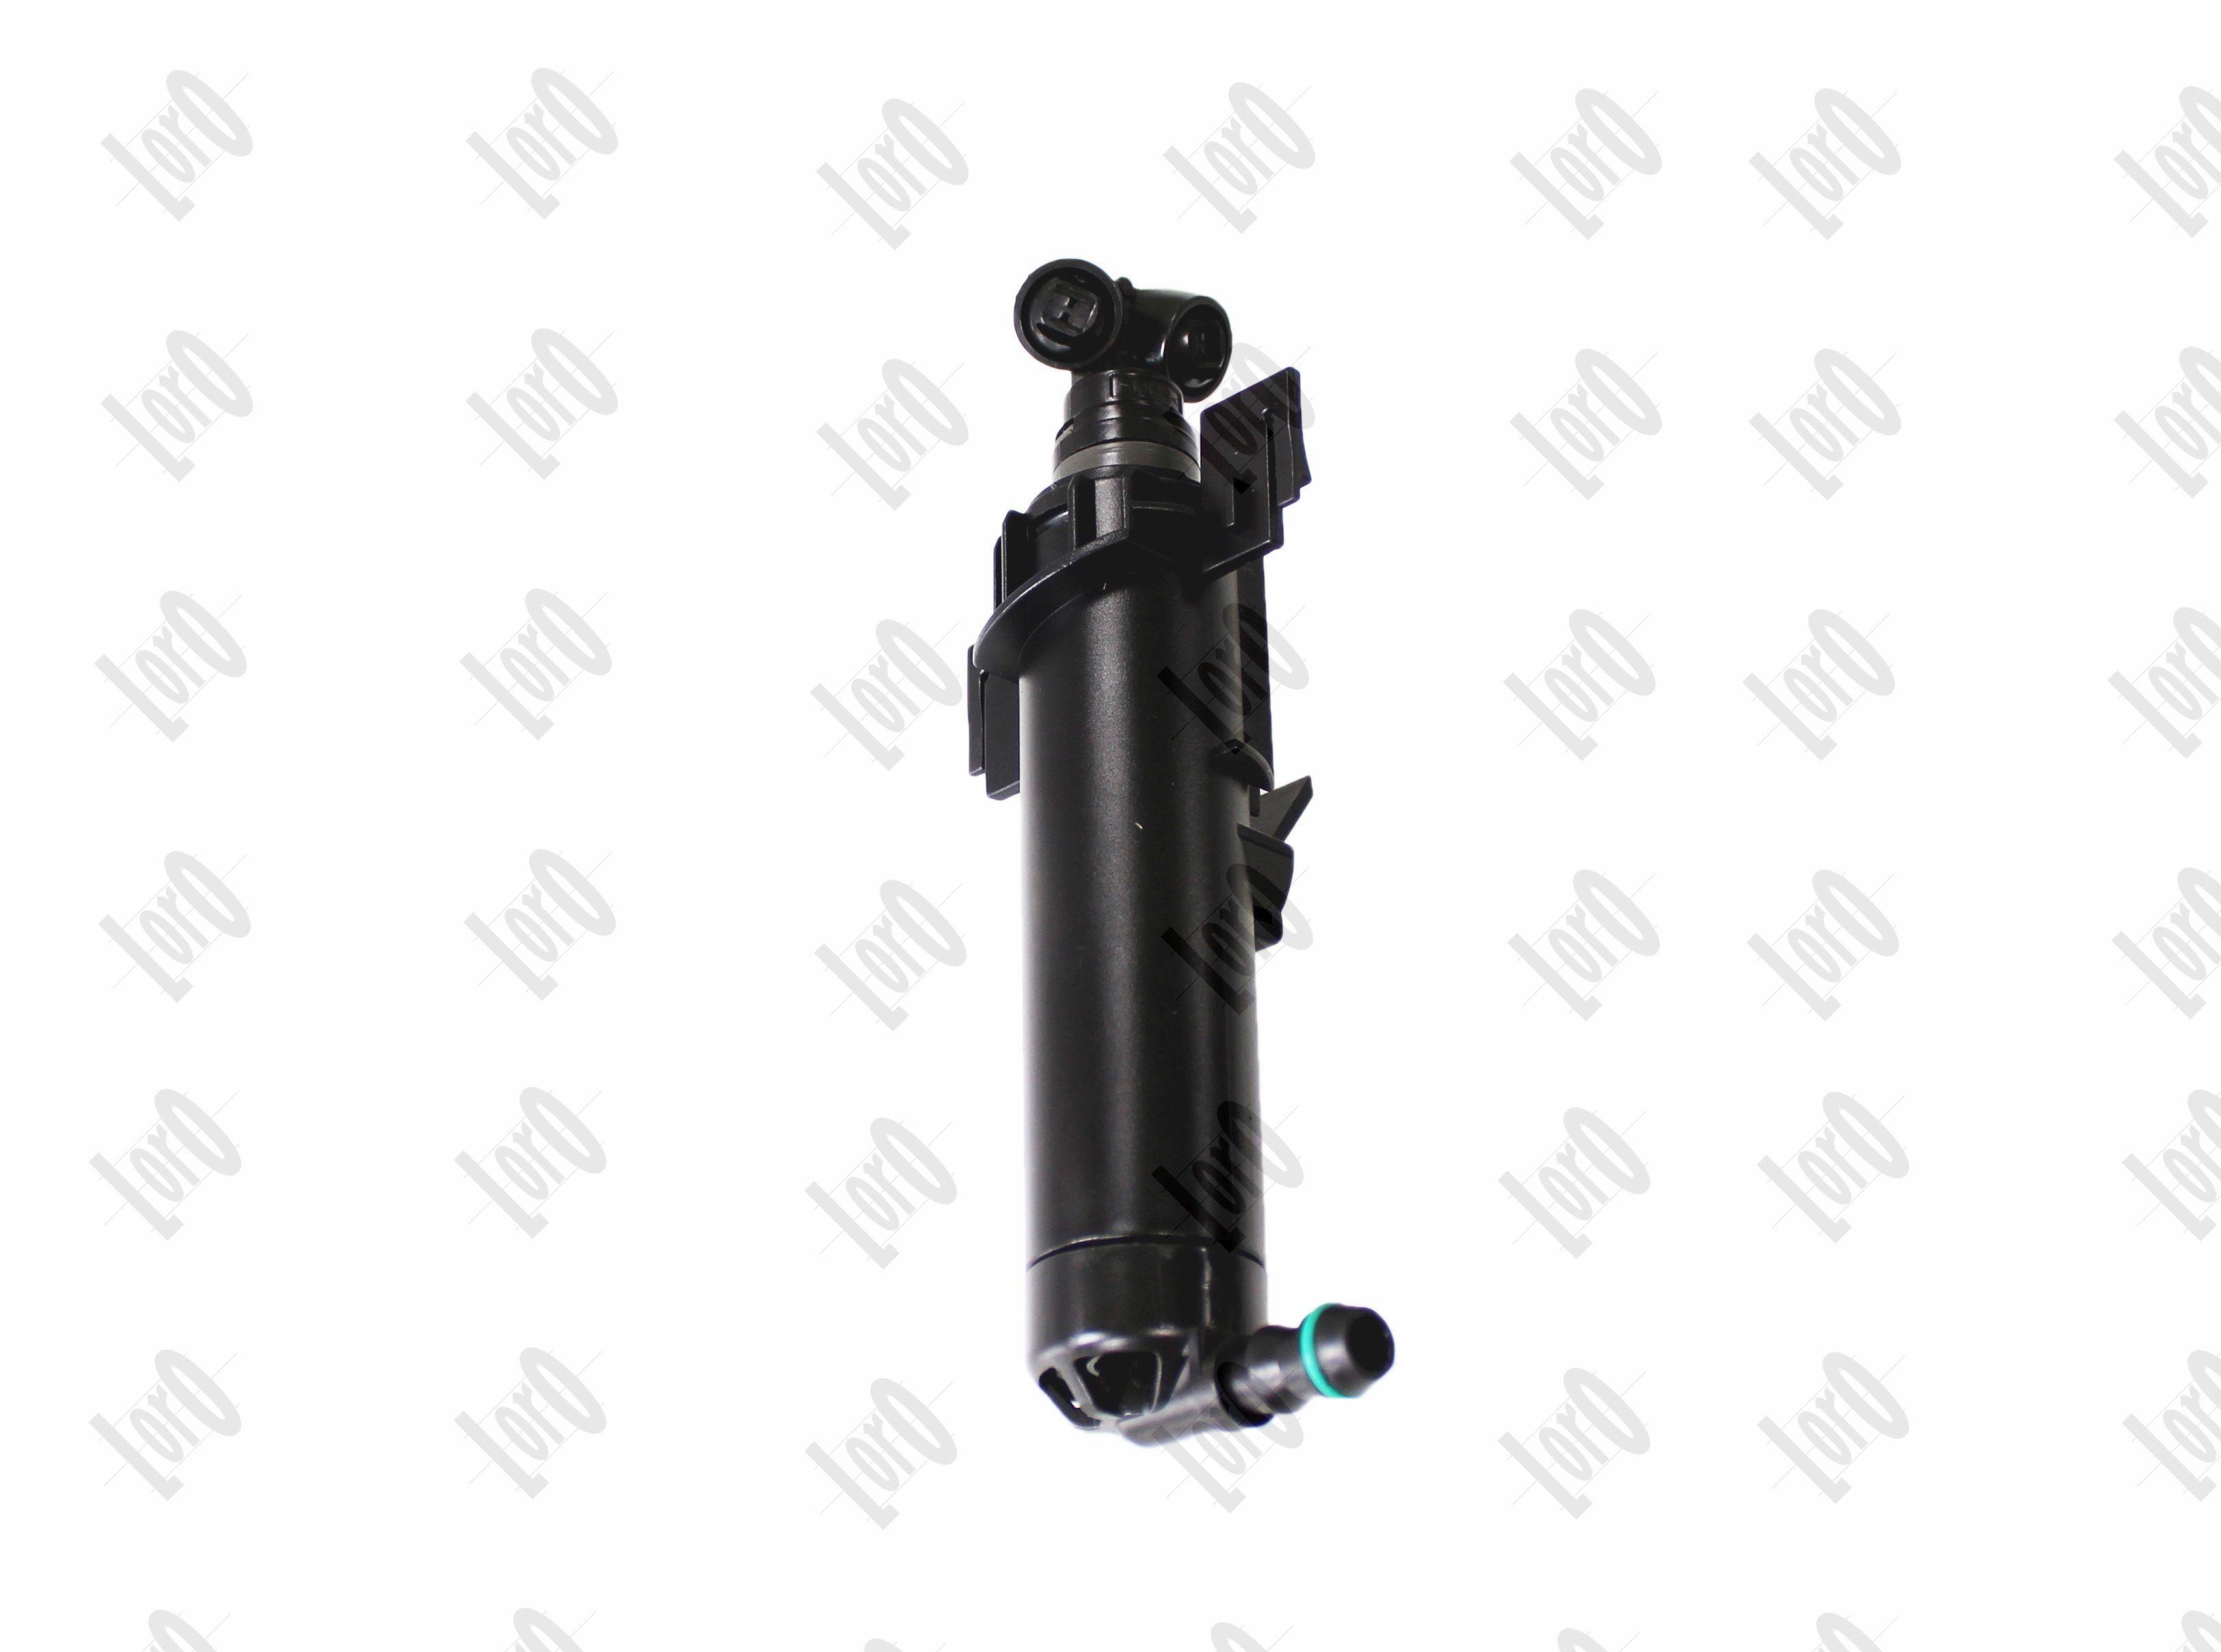 Acheter Gicleur d'eau de nettoyage, nettoyage des phares ABAKUS 103-03-017 à tout moment